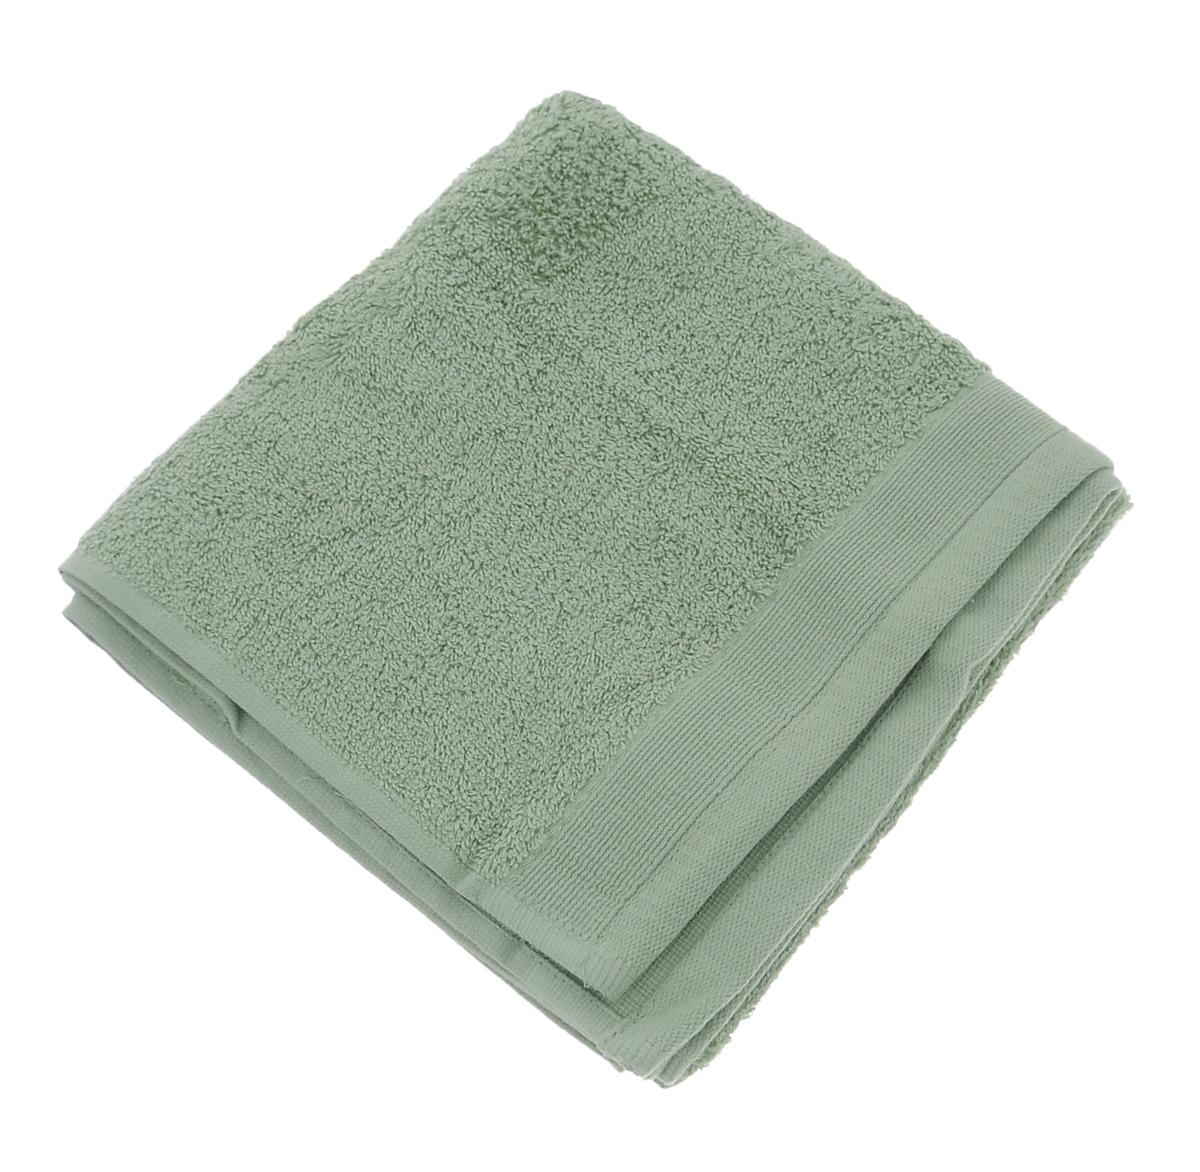 Полотенце махровое Guten Morgen, цвет: светло-зеленый, 50 см х 100 см полотенце махровое guten morgen цвет темно голубой 50 см х 100 см